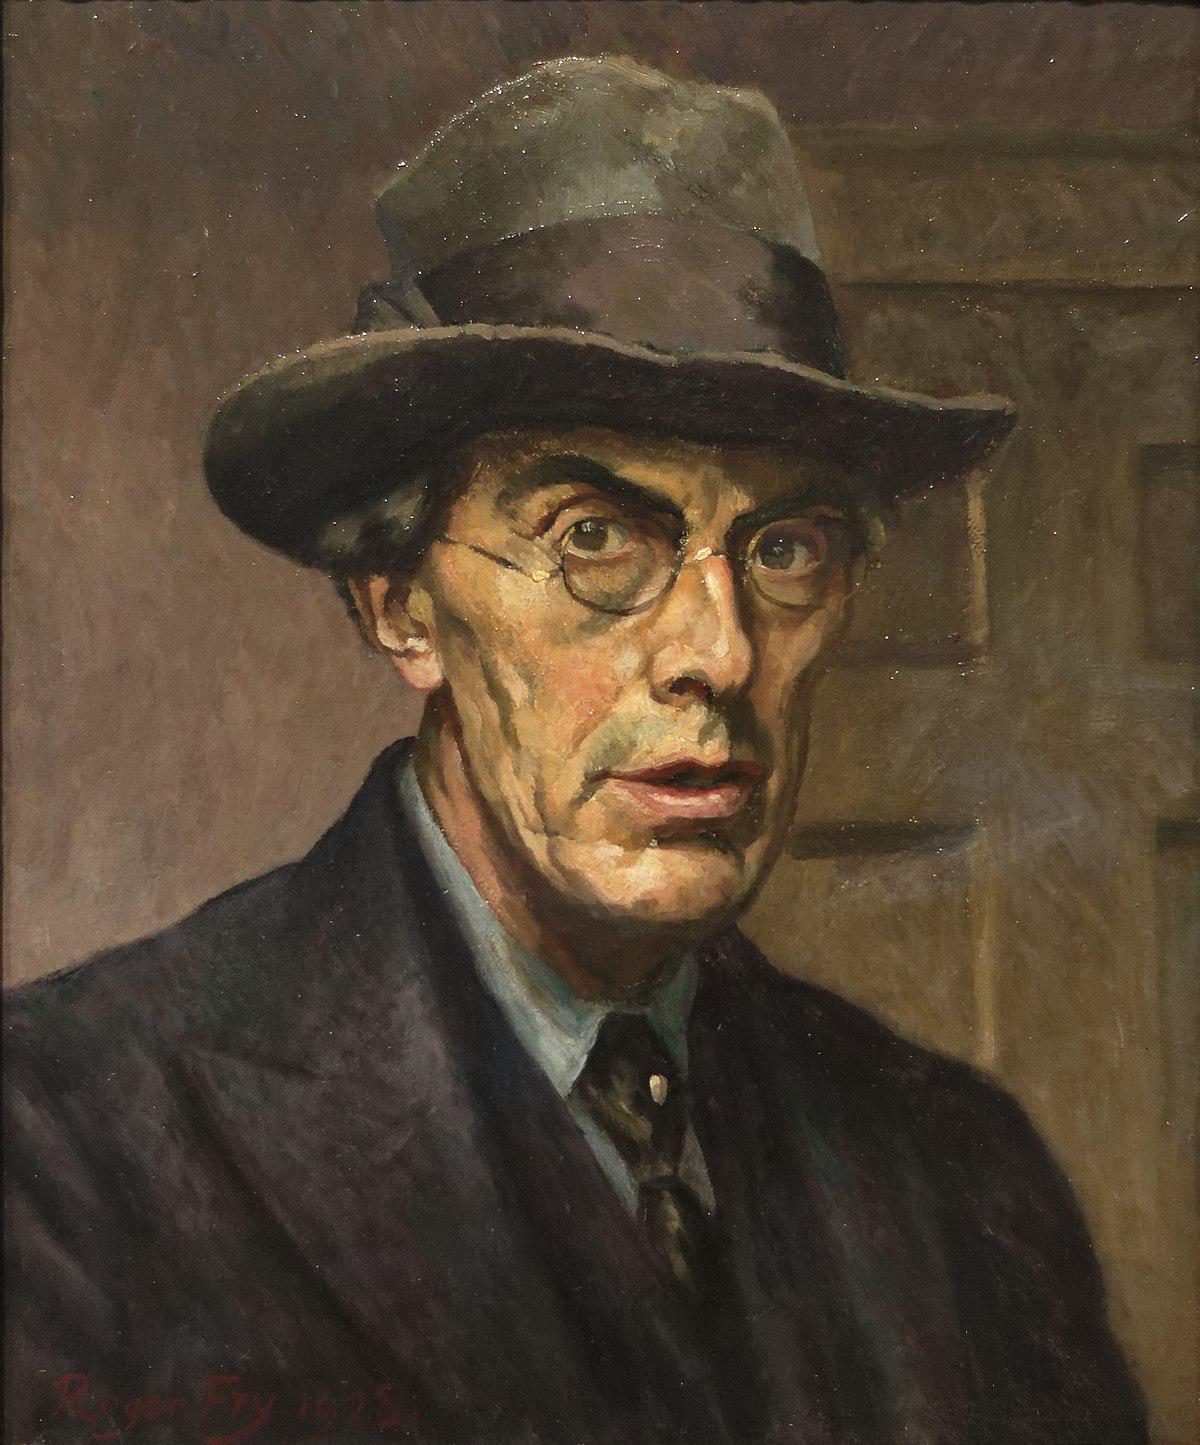 Roger Fry, självporträtt. Bild: Wikimedia Commons